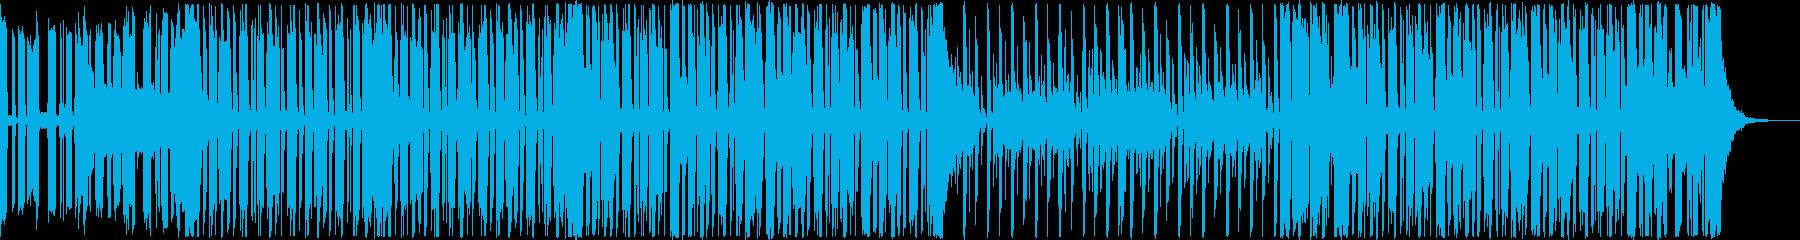 電気研究所ファンキーな運転産業のハ...の再生済みの波形